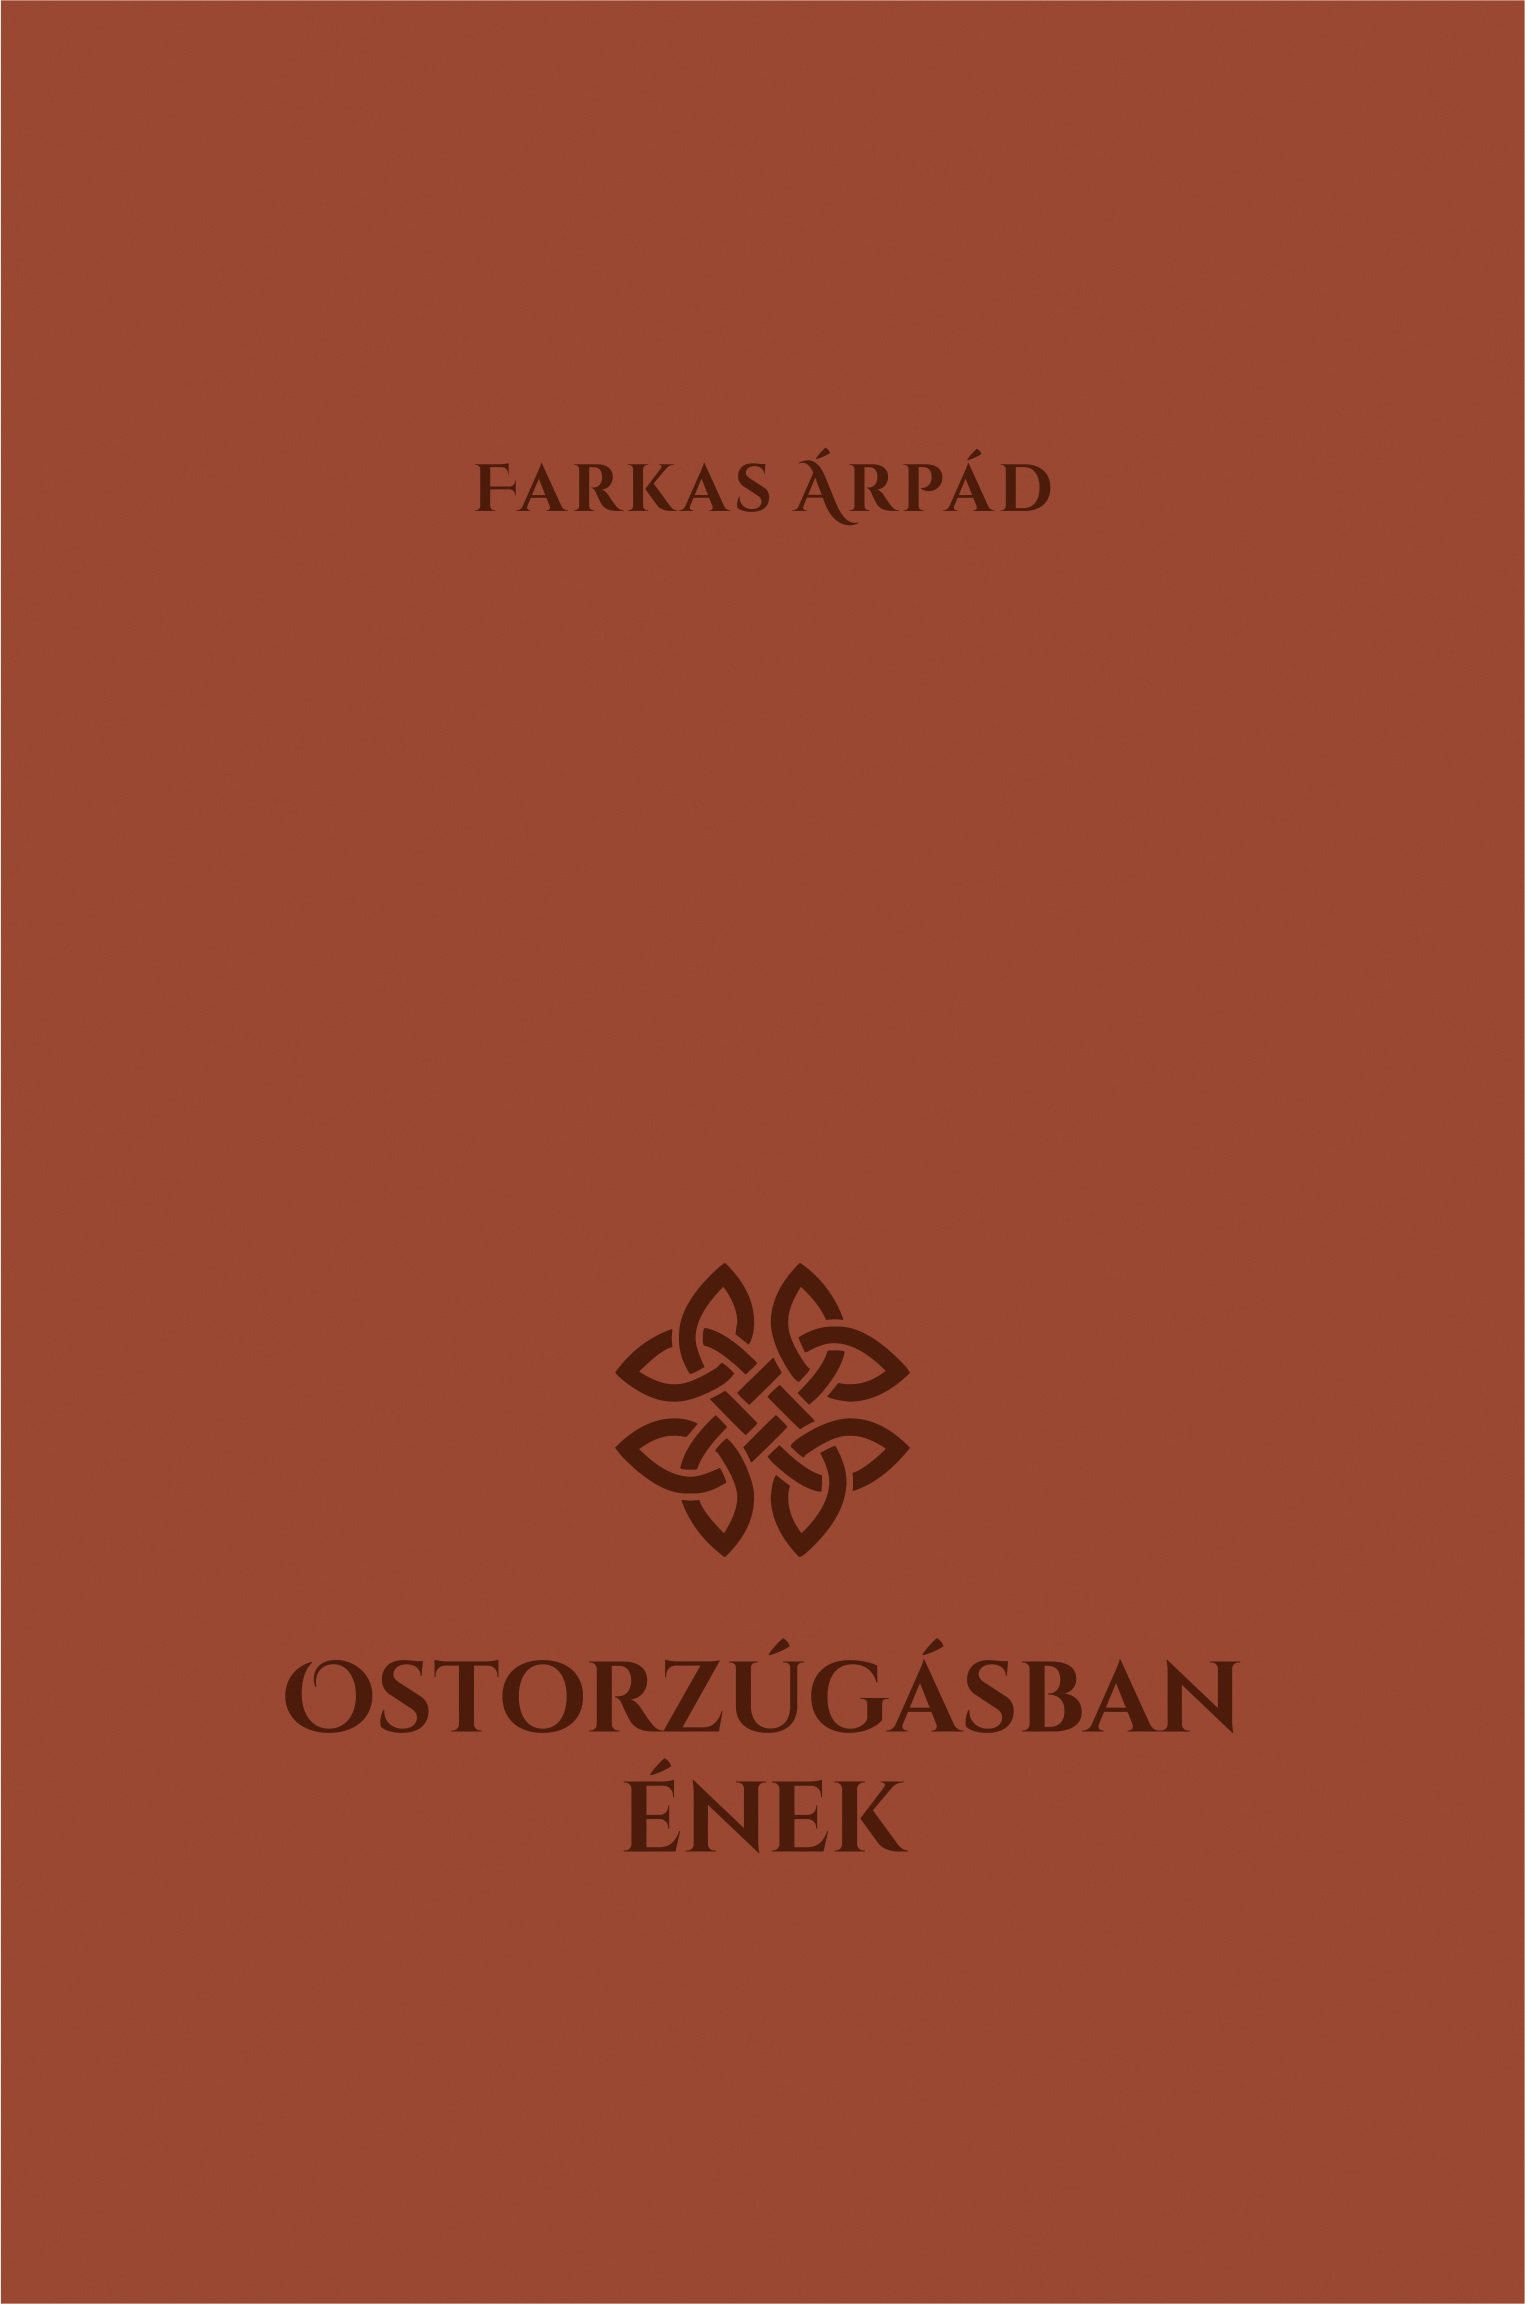 Farkas Árpád - Ostorzúgásban ének